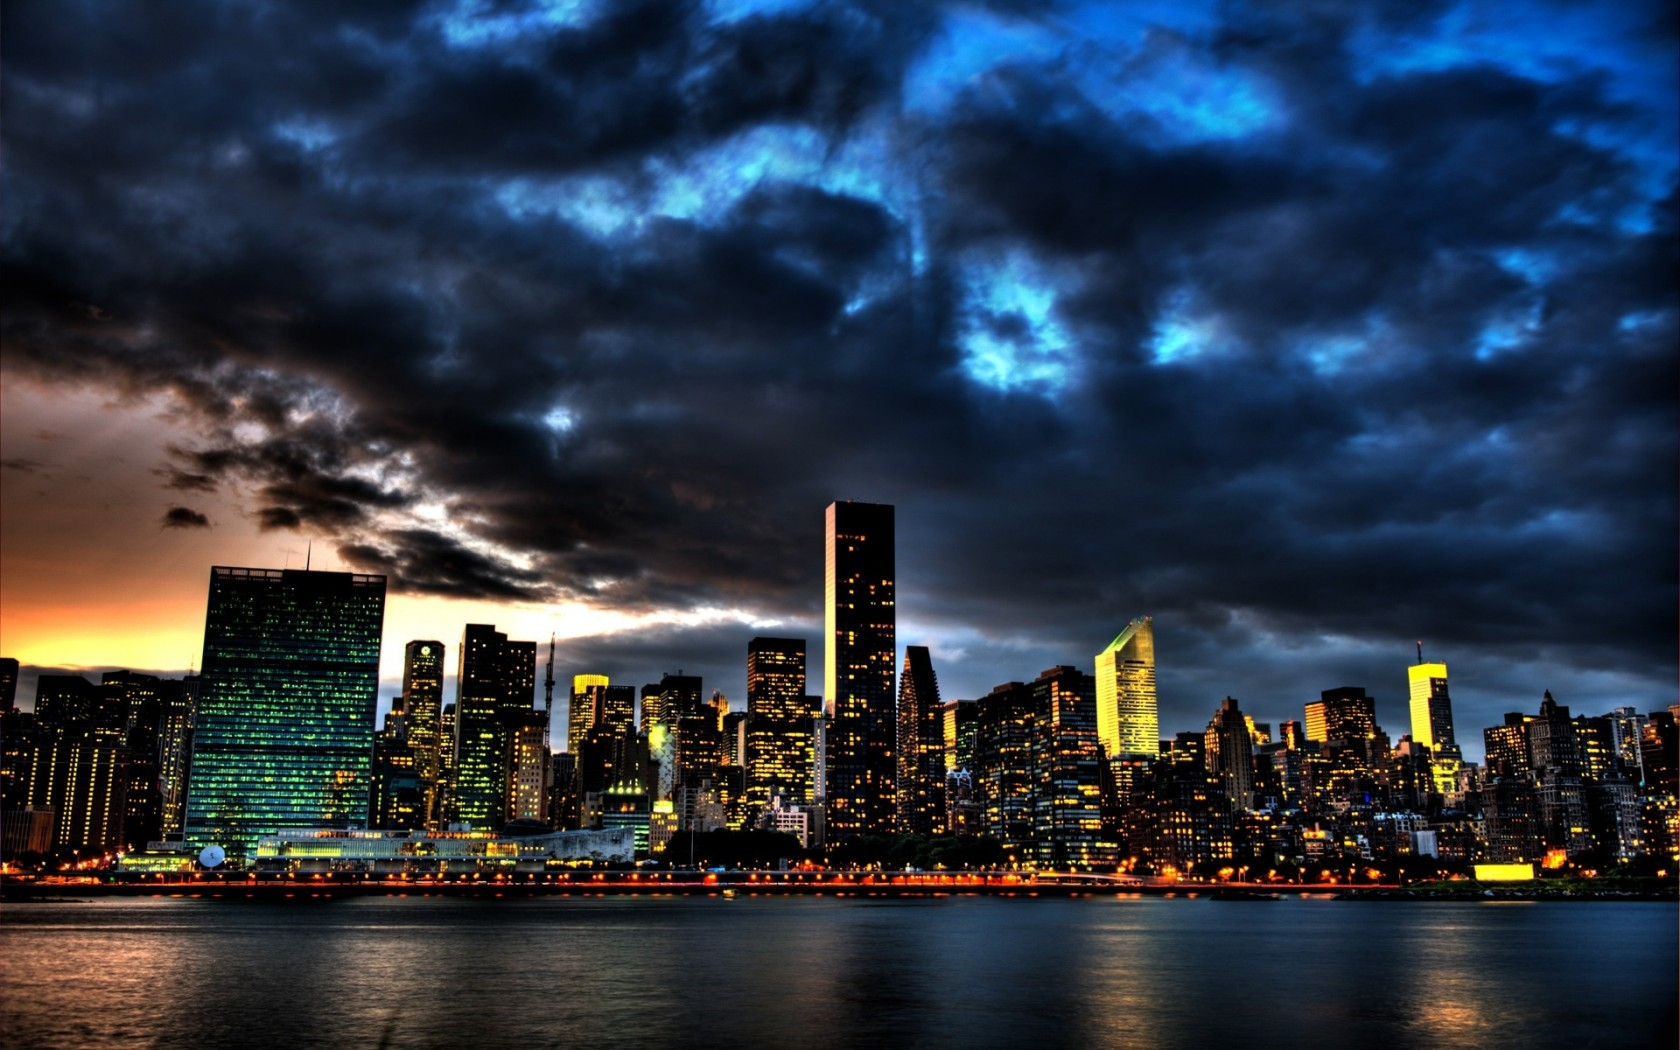 new york at night - photo #6